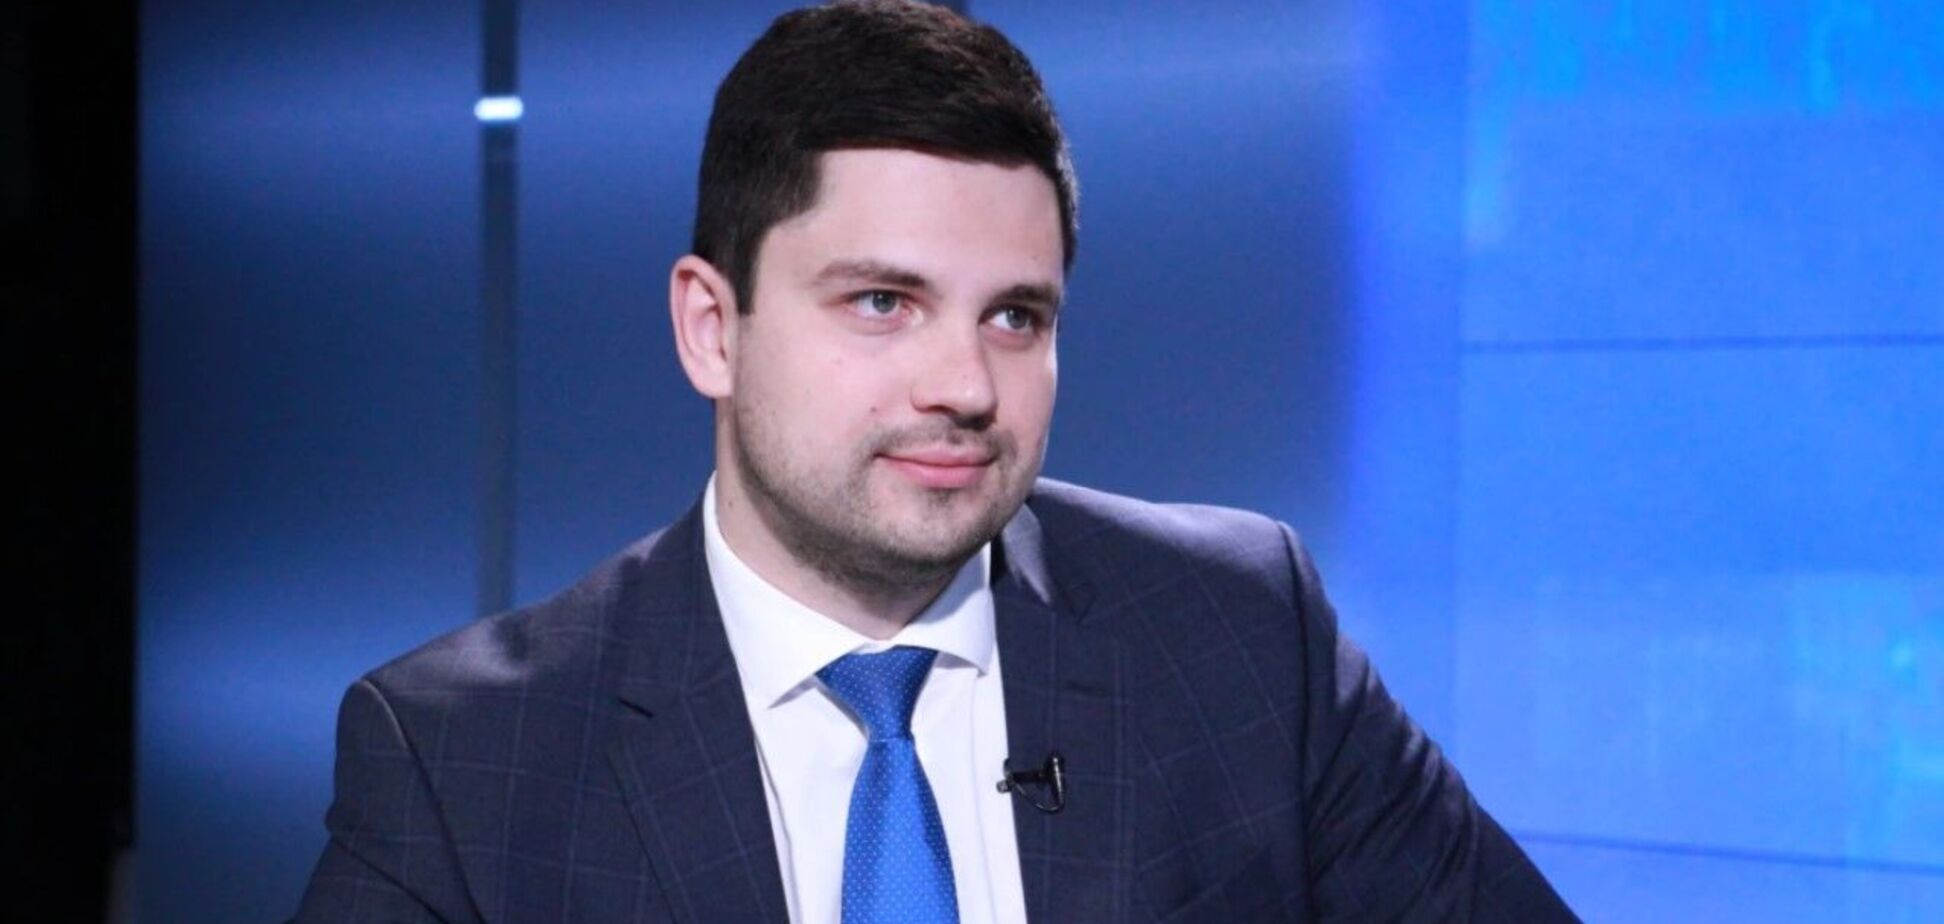 Качура заявил о монополии 'Центра коммунального сервиса' в Киеве